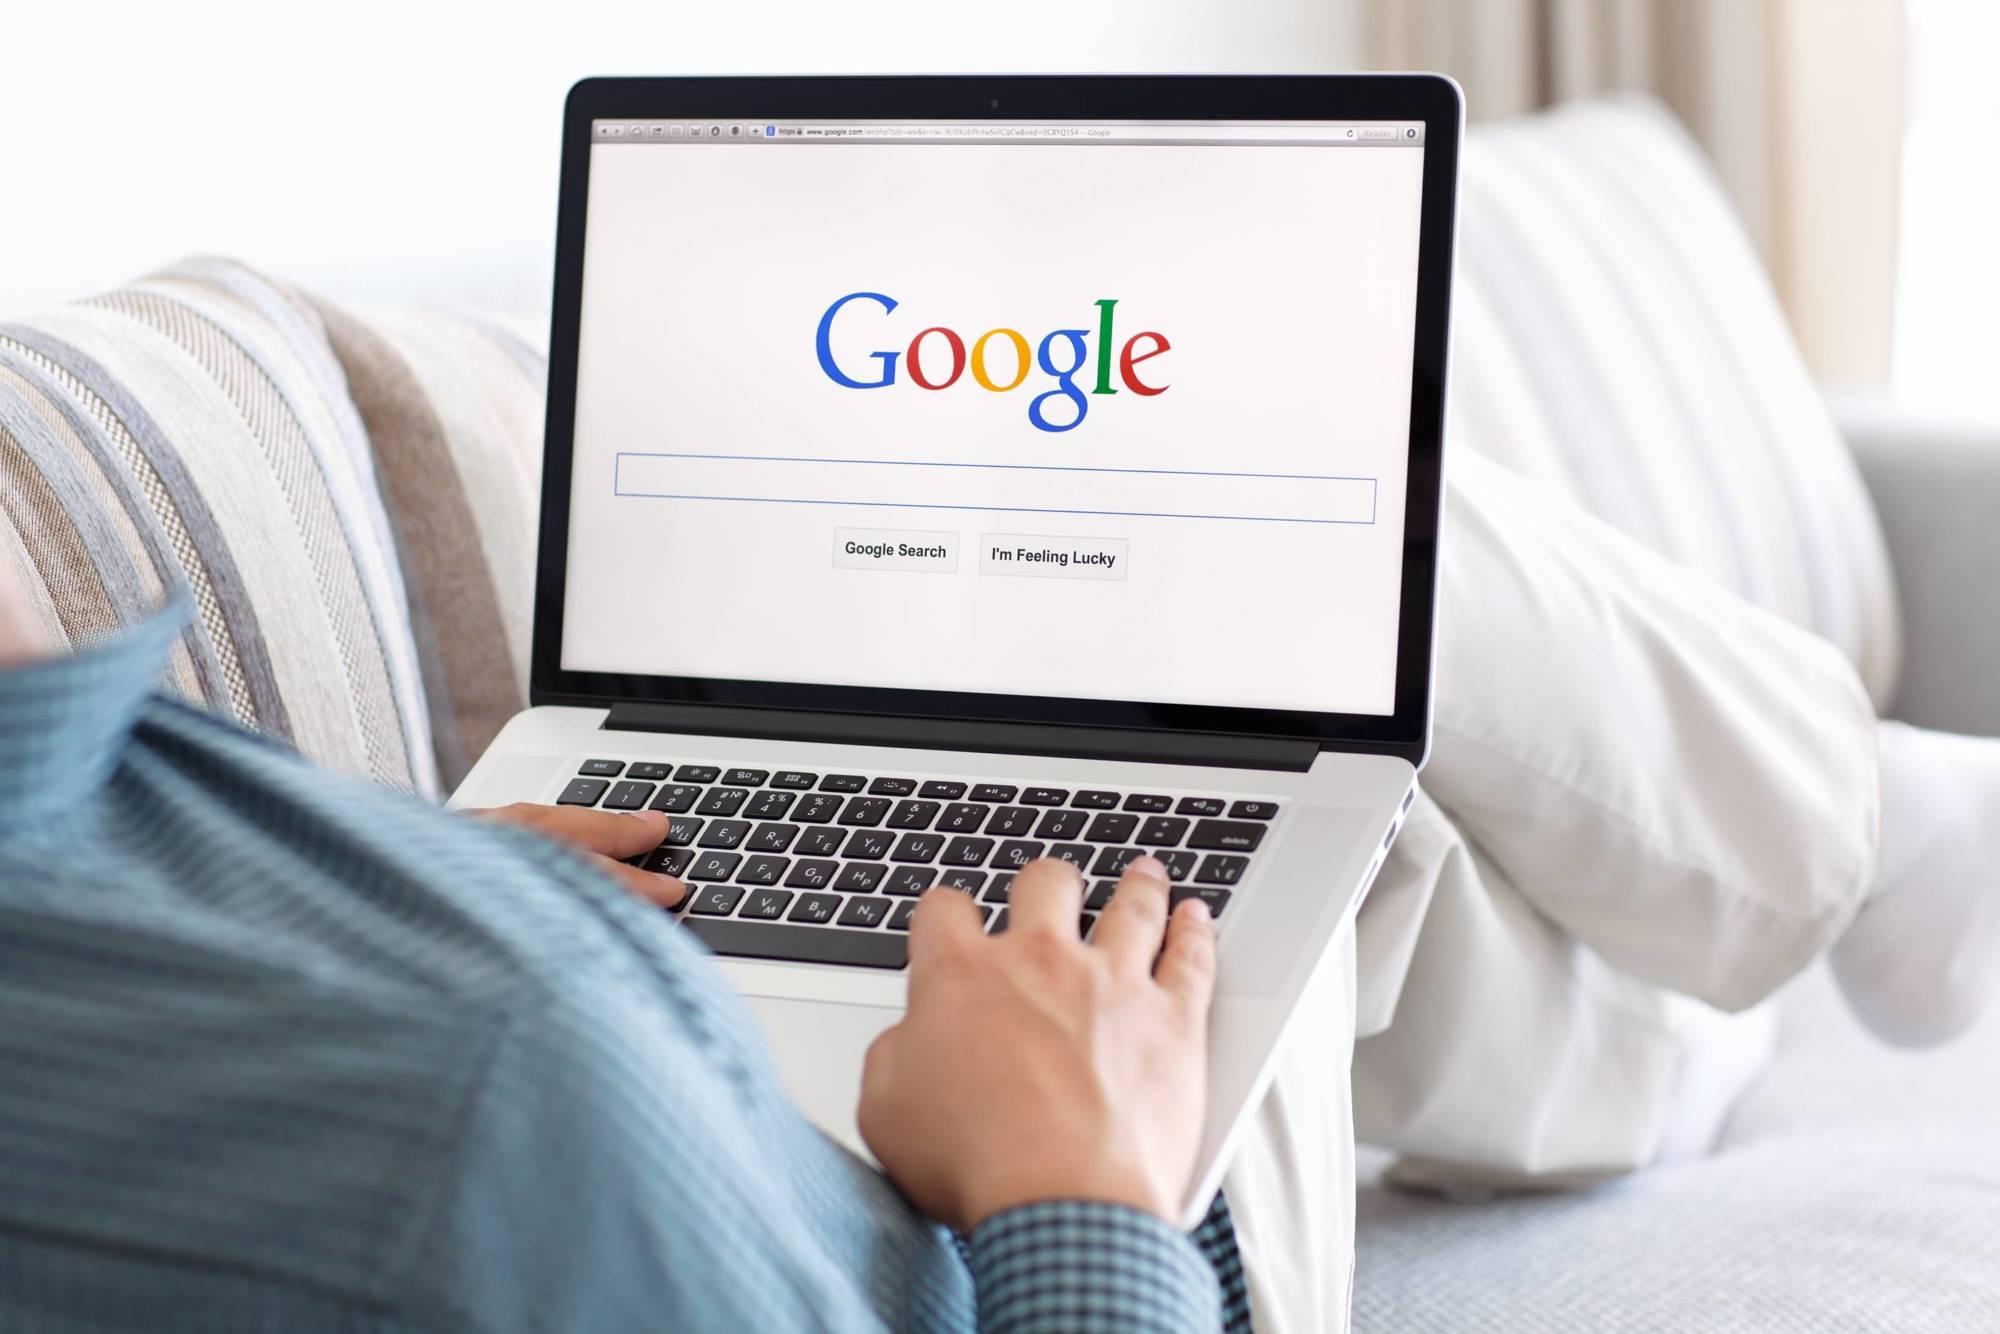 Как удалить аккаунт Гугл с телефона: способы